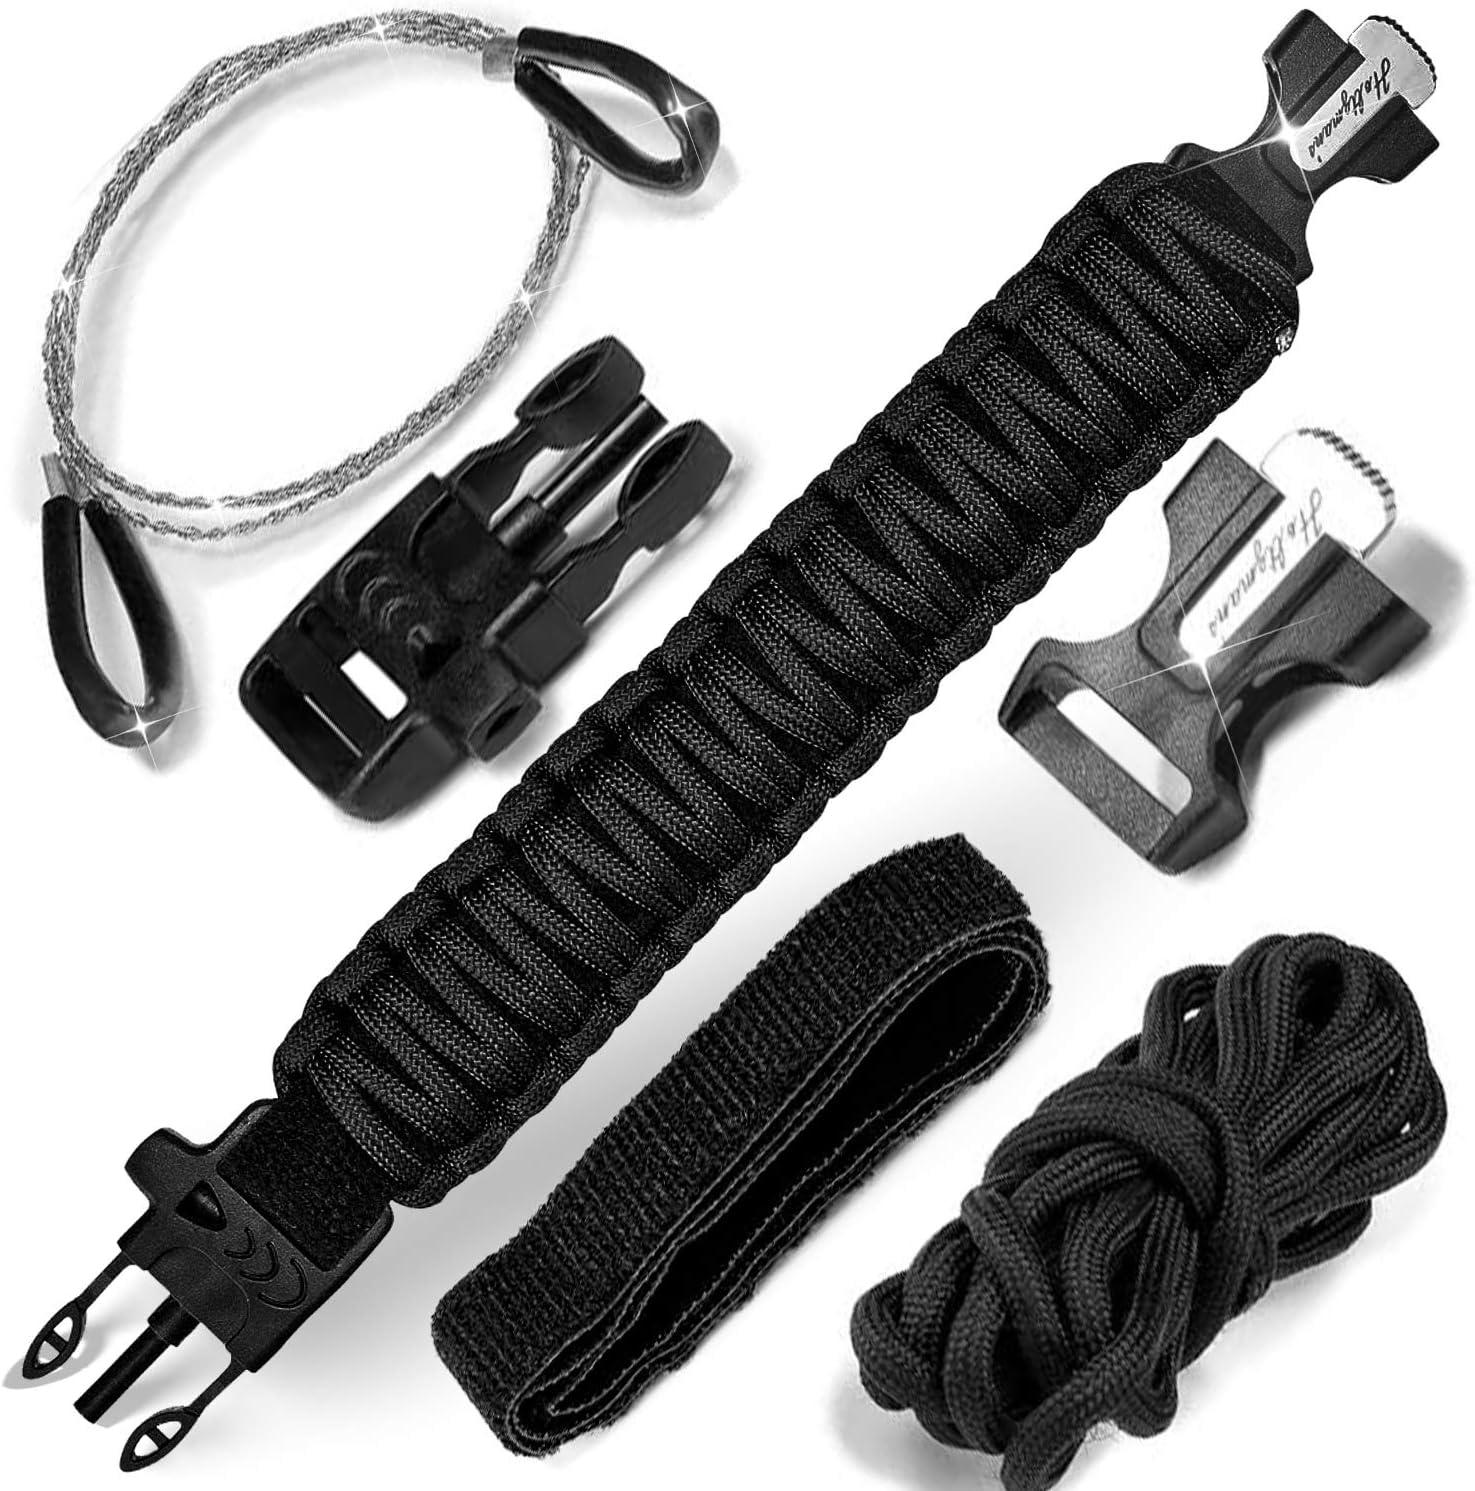 Paracord Survival Armband Schl/üsselanh/änger und Tactical Pen Set Schl/üsselanh/änger f/ür Notf/älle in der freien Natur Paracord f/ür den Alltag Stift aus Flugzeugaluminium f/ür Survival